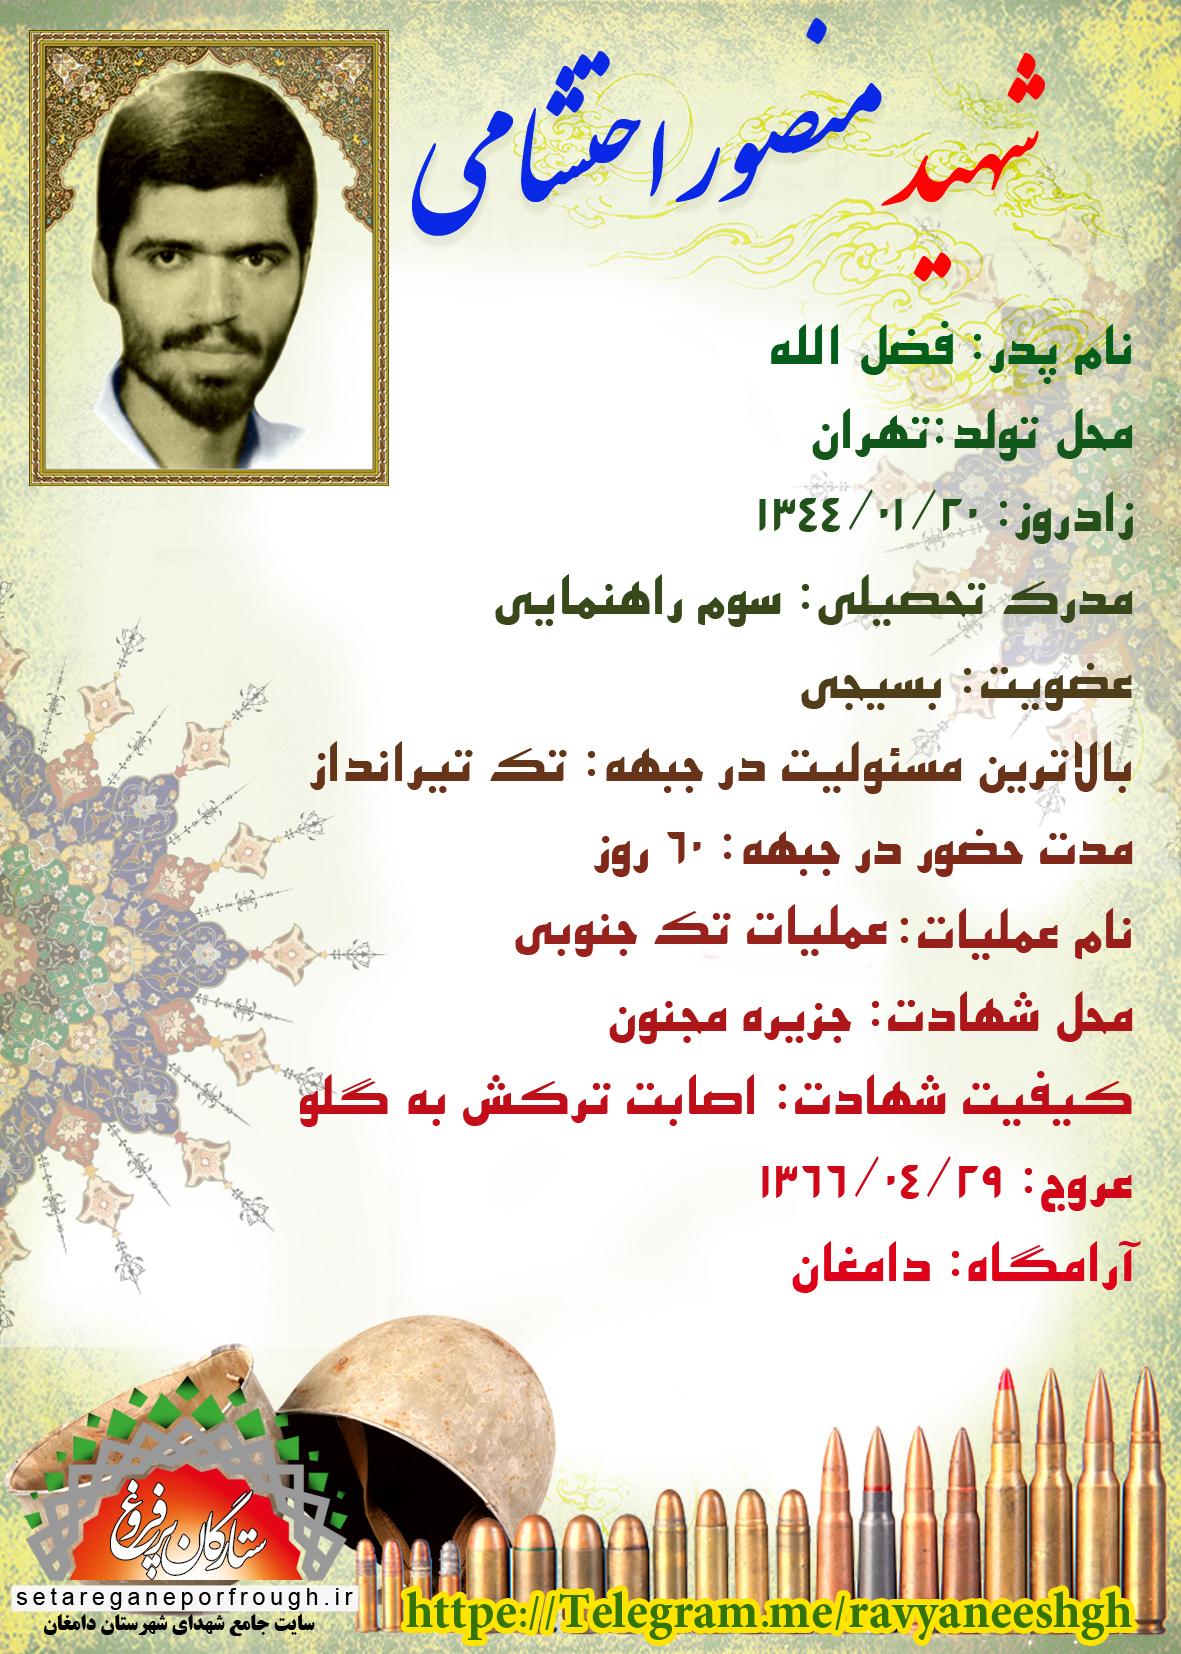 احتشامی منصور ف فضل اله